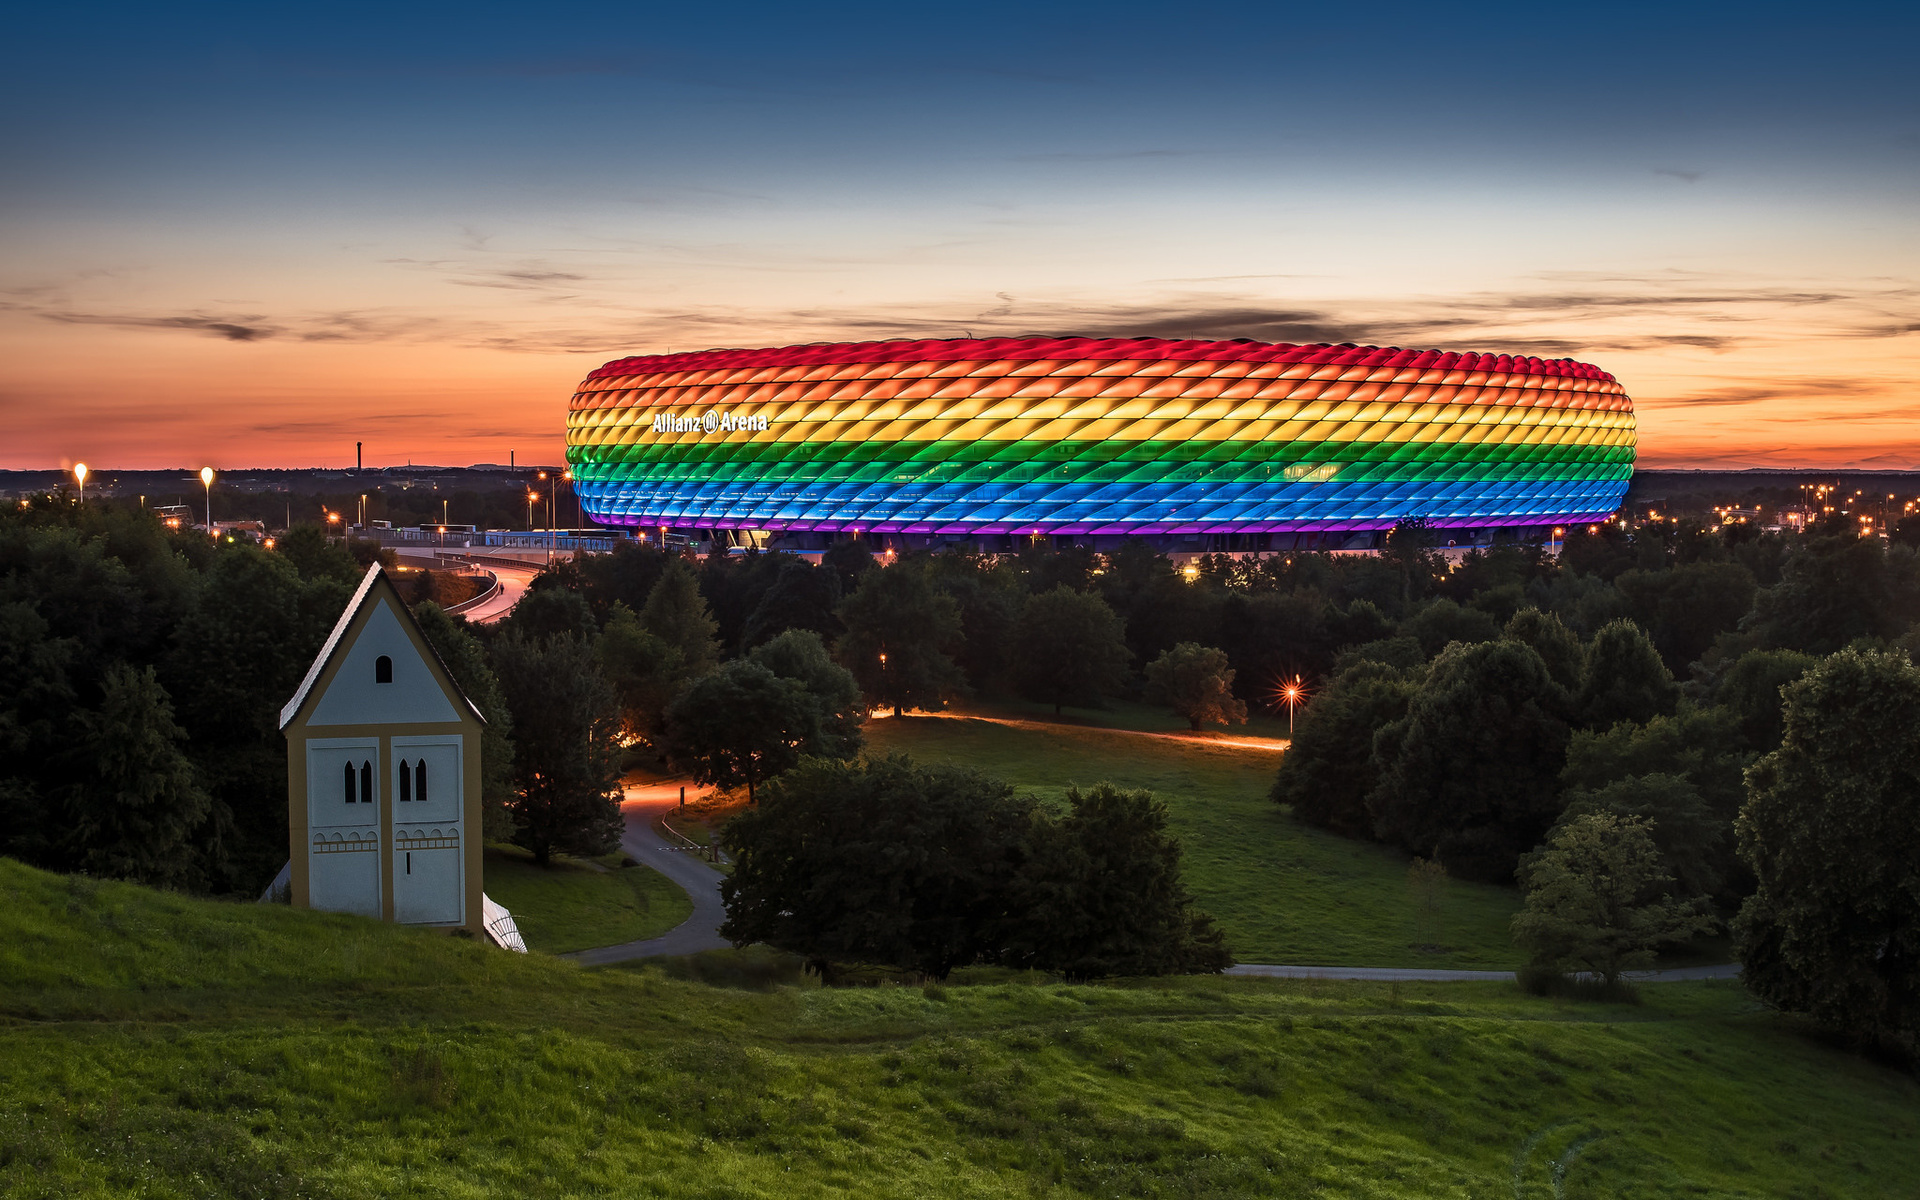 фото, город, мюнхен, германия, стадион, allianz arena, альянс арена